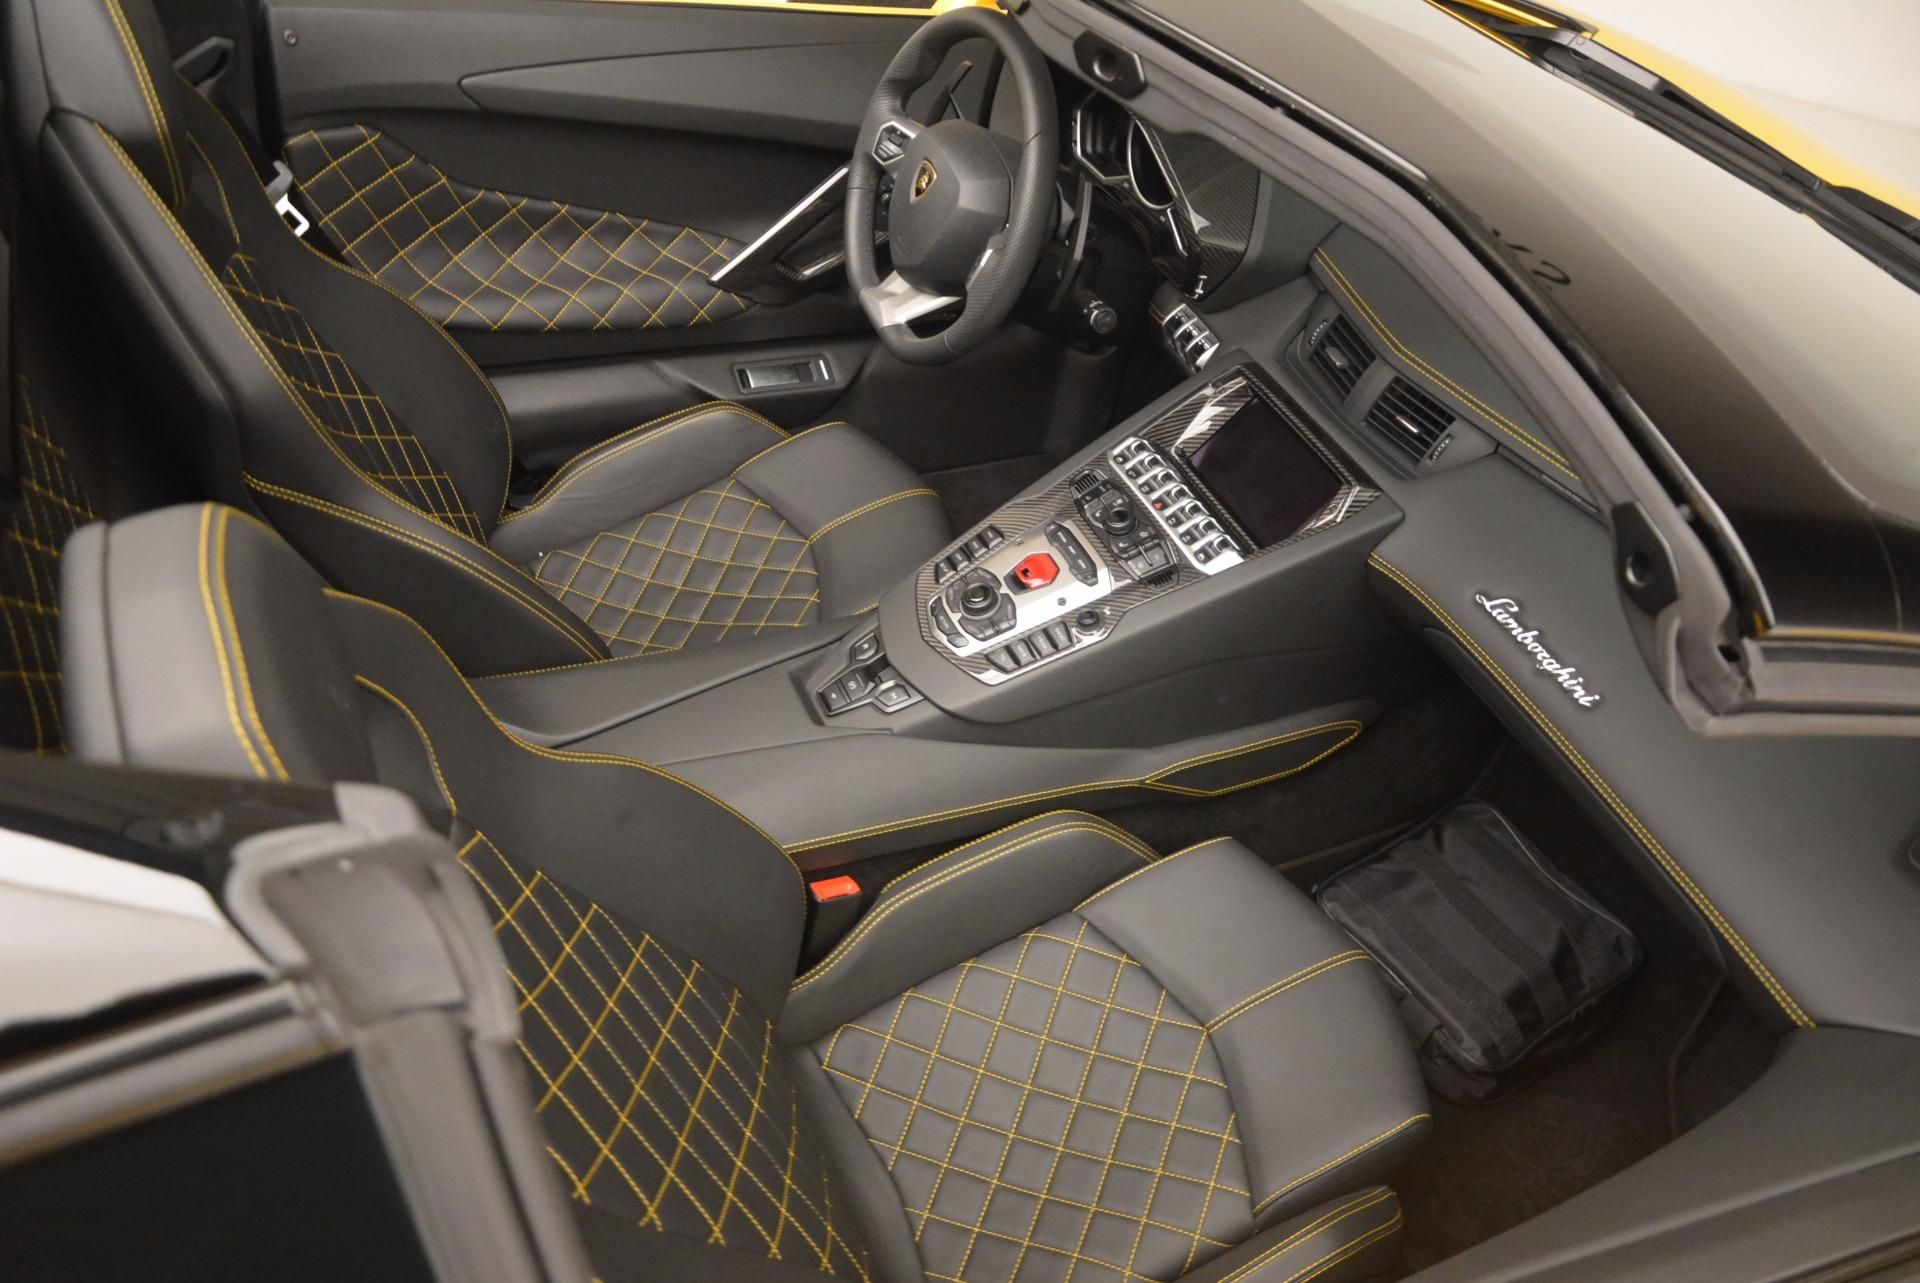 Used 2015 Lamborghini Aventador LP 700-4 Roadster For Sale In Greenwich, CT 1774_p21